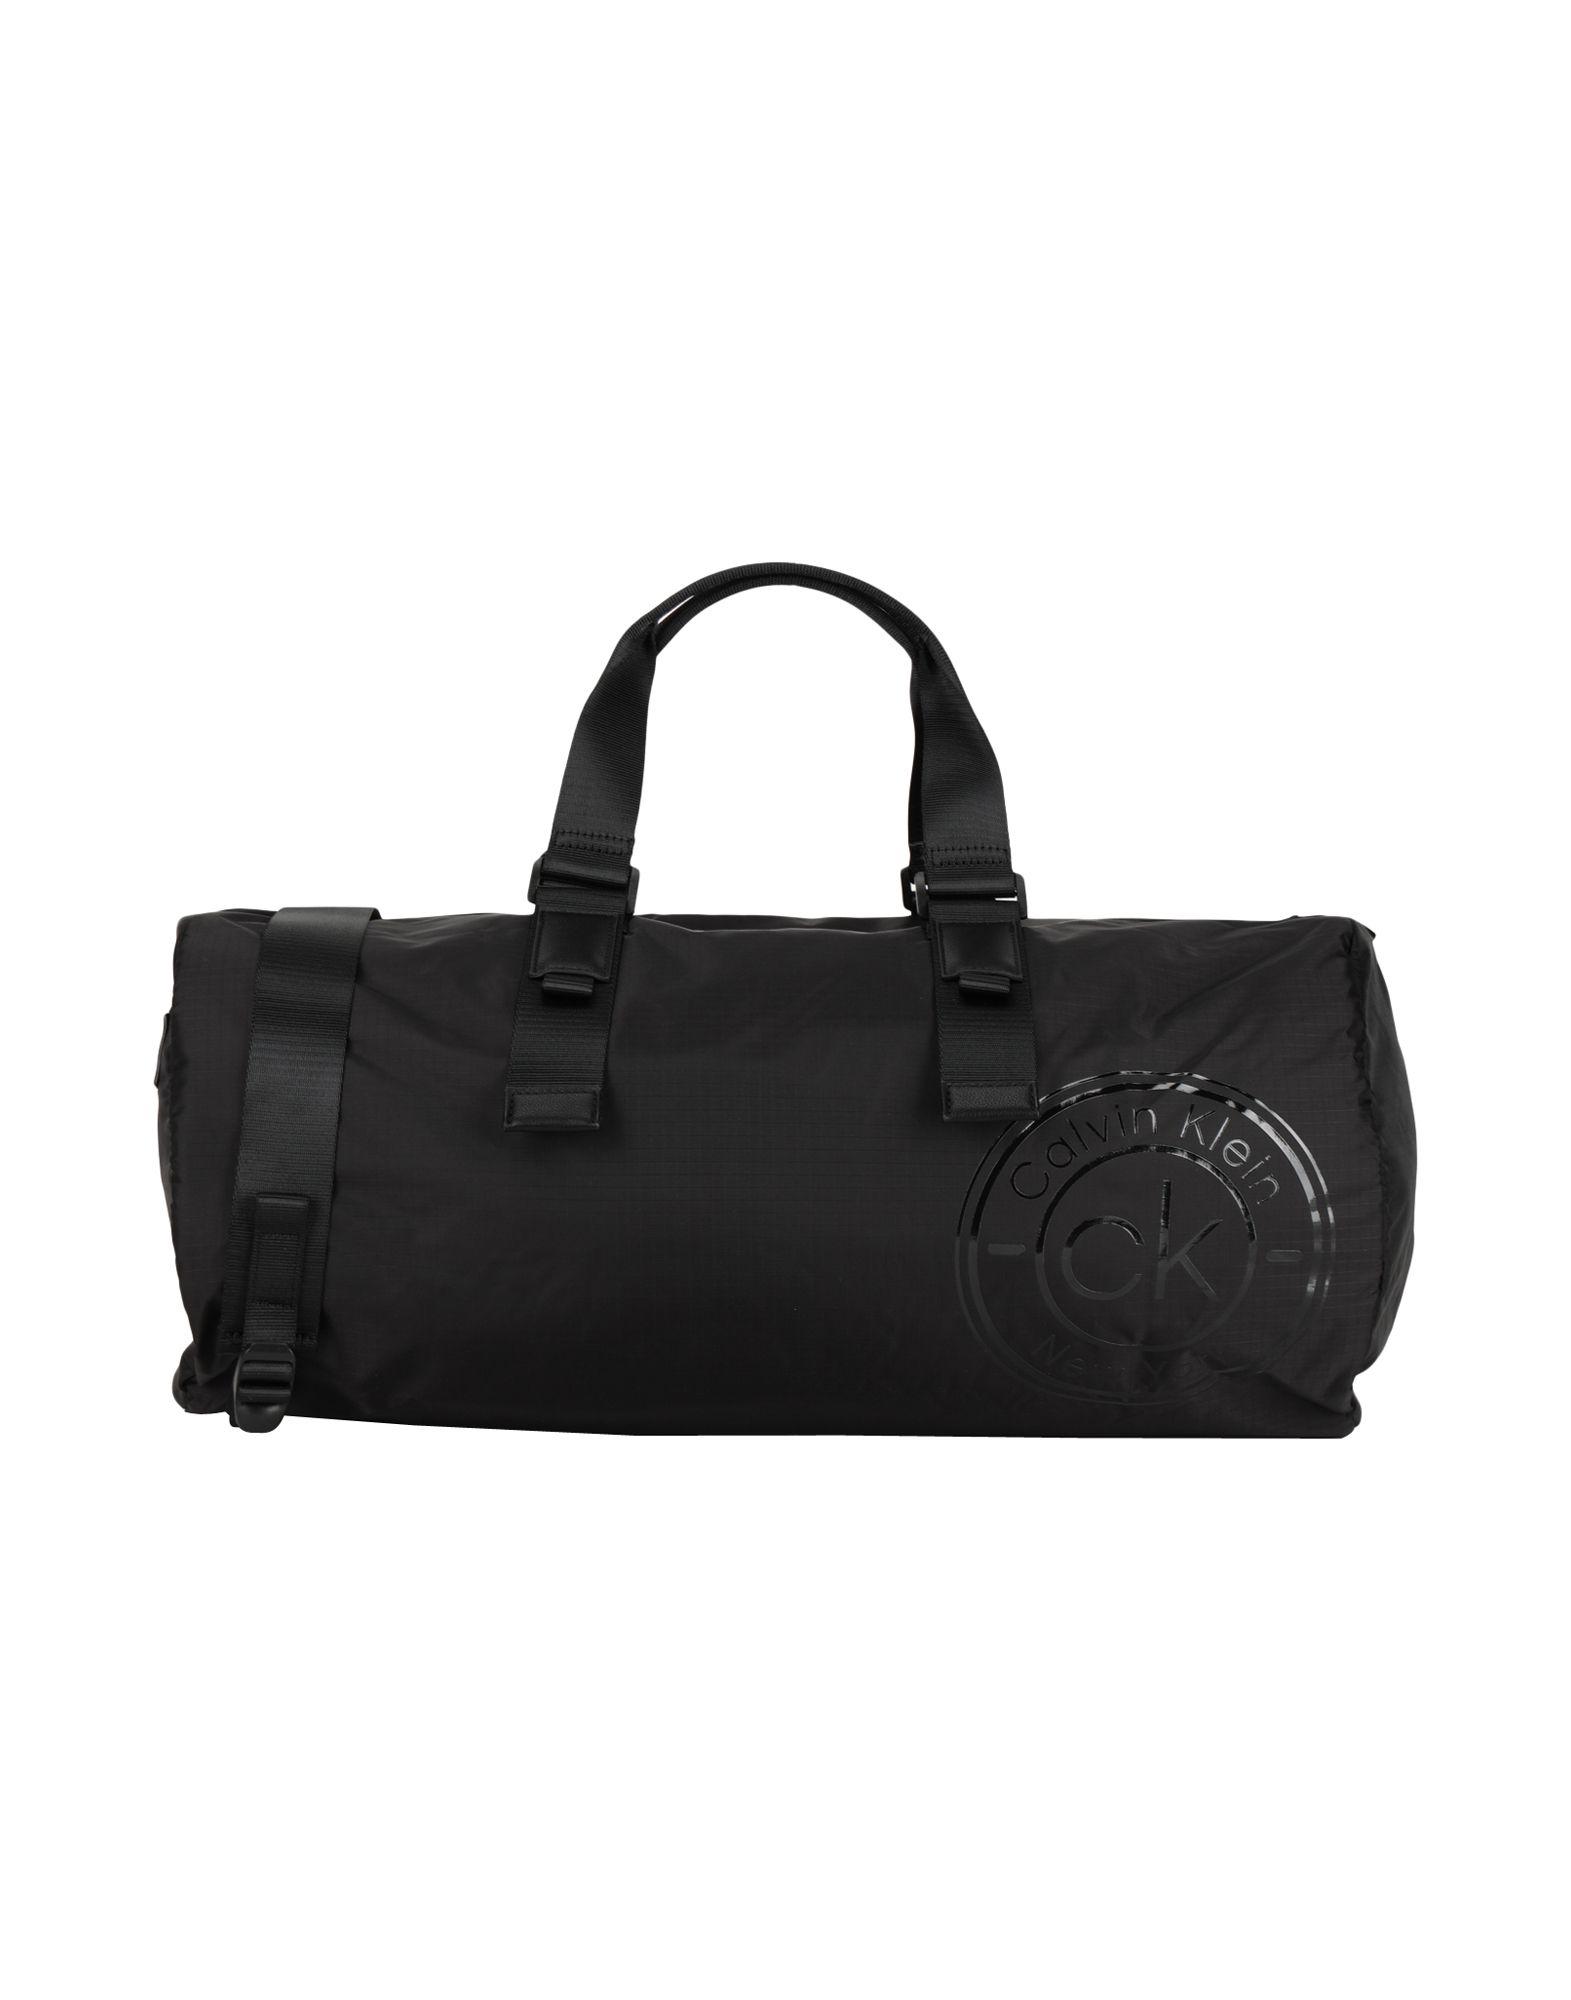 《セール開催中》CALVIN KLEIN メンズ 旅行バッグ ブラック ナイロン 90% / ポリウレタン 10% CK AVAILED DUFFLE